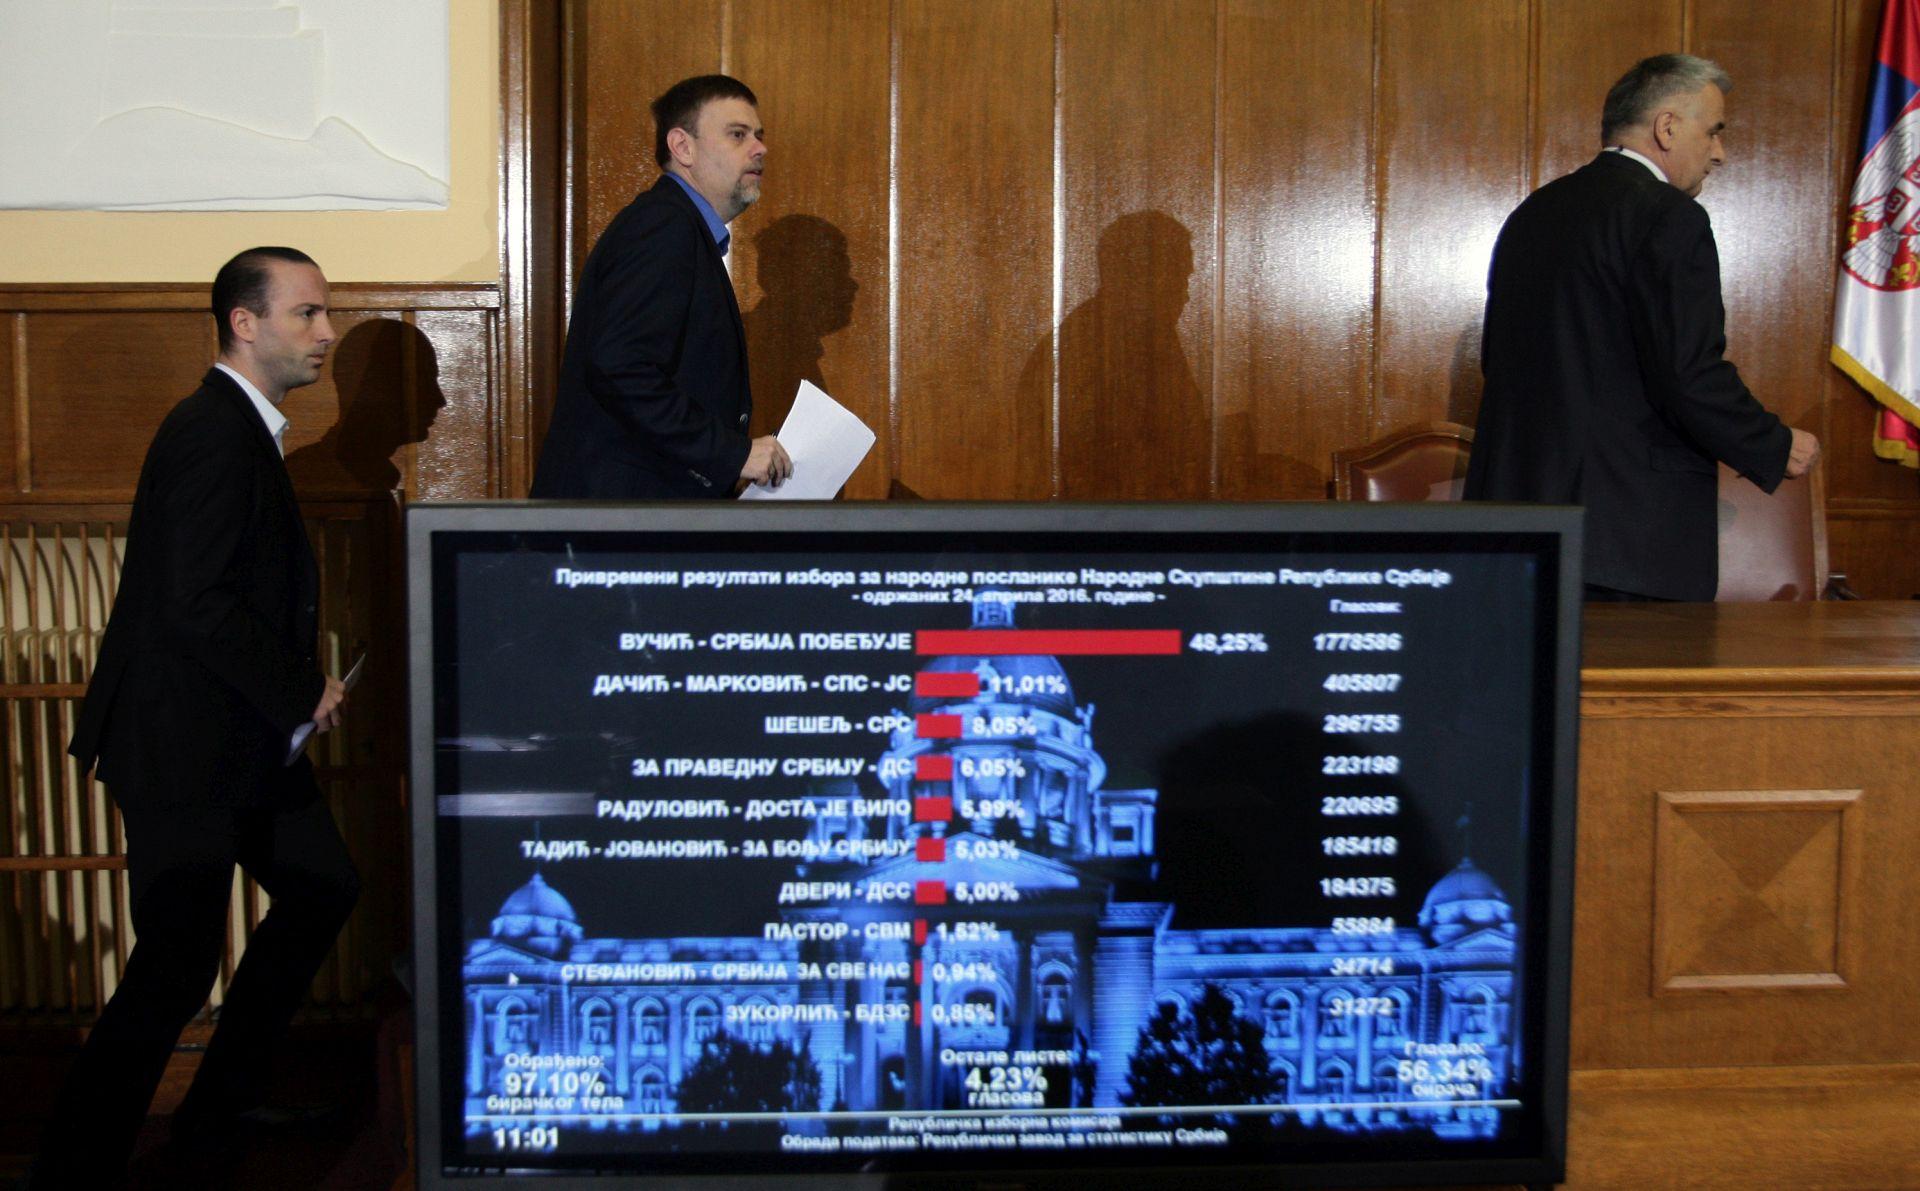 PARLAMENTARNI IZBORI: Potvrđena izborna pobjeda naprednjaka, prag prešlo šest stranaka i koalicija